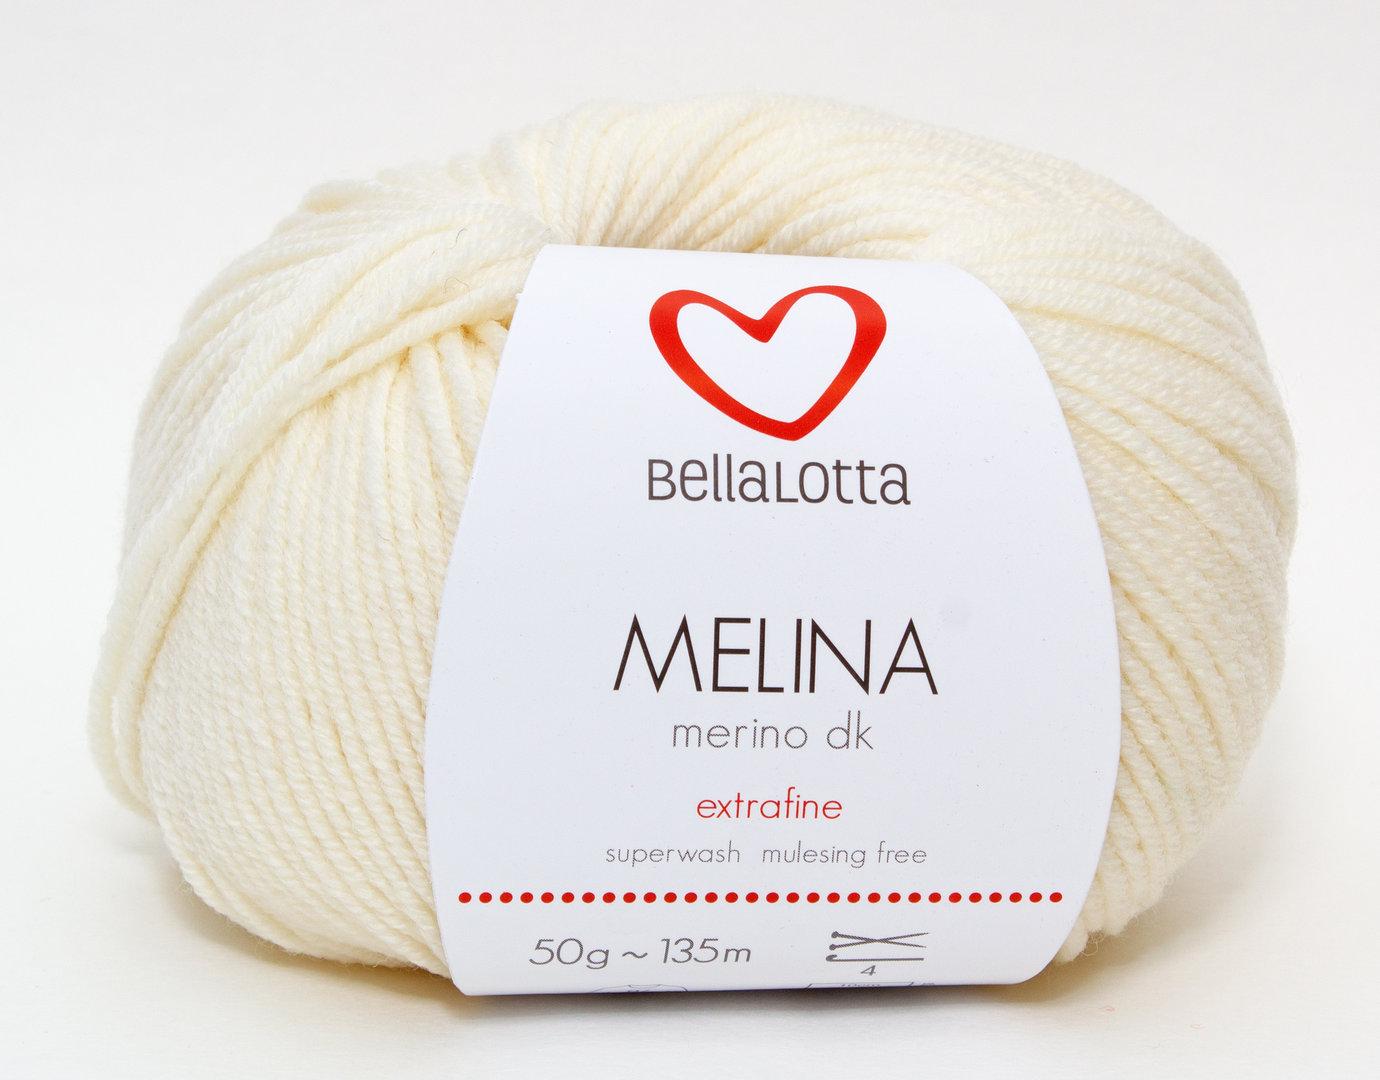 Melina Merino DK - Creme - BellaLotta